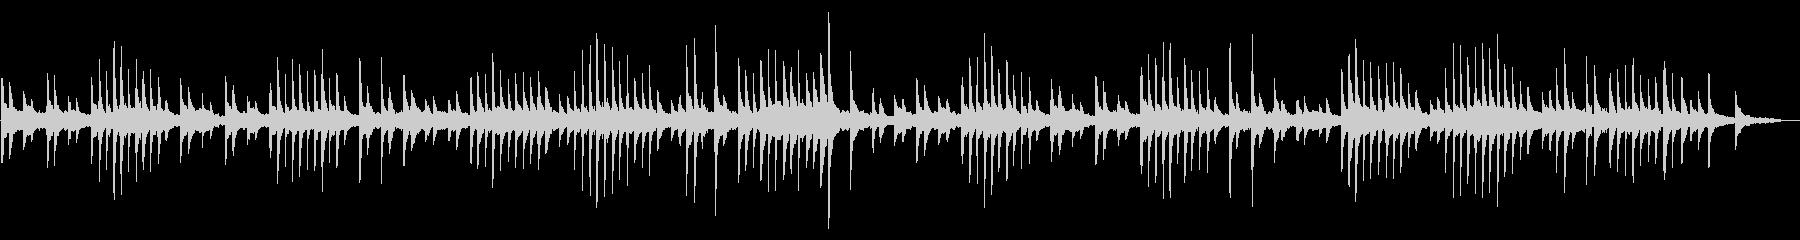 サティの名曲をレトロなフェルトピアノでの未再生の波形